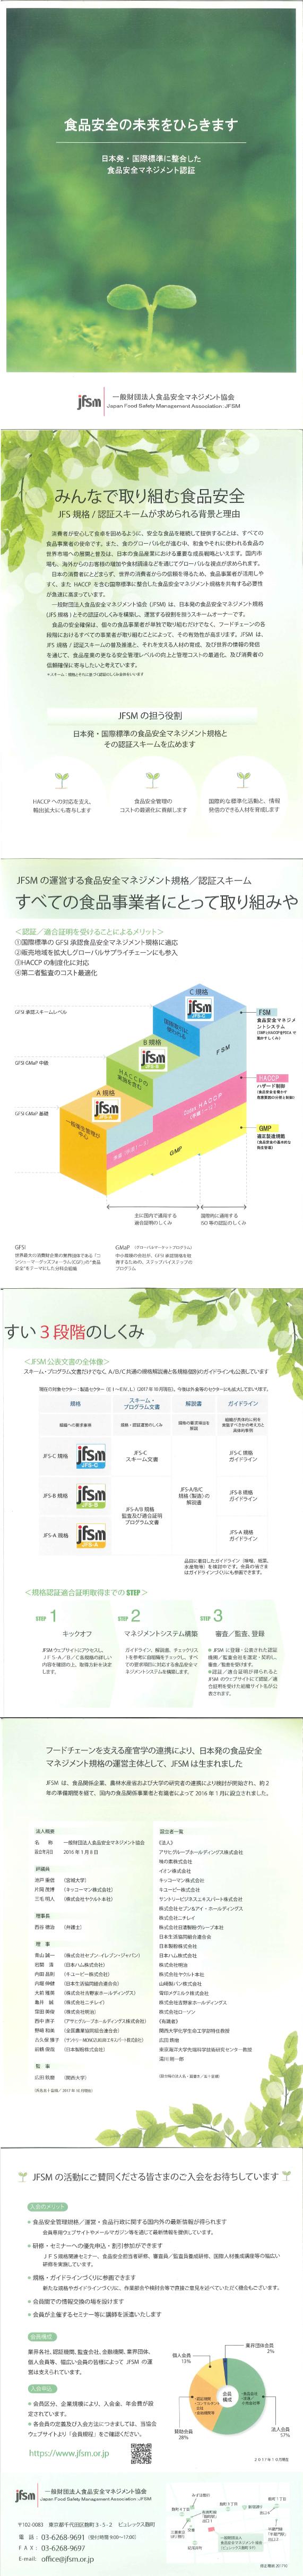 JFSMパンフレット